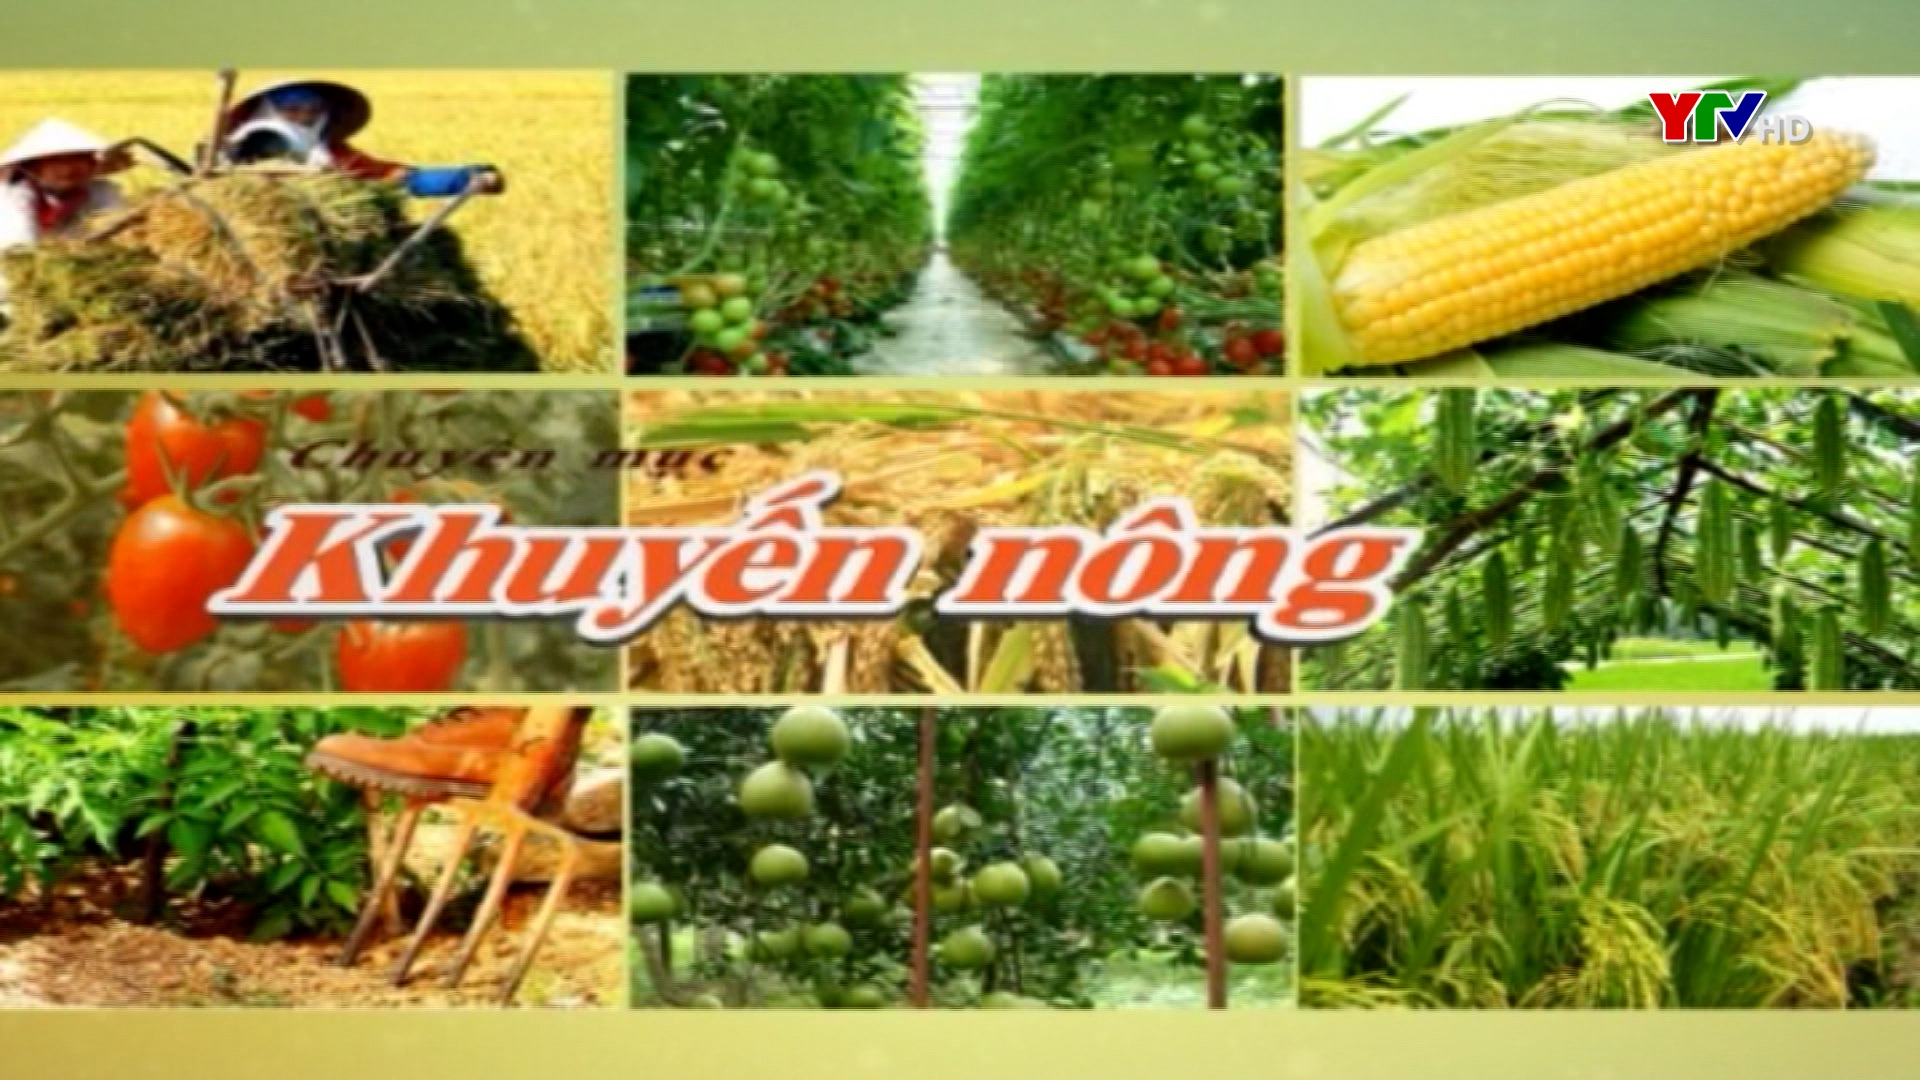 Xây dựng thương hiệu mật ong Minh Bảo